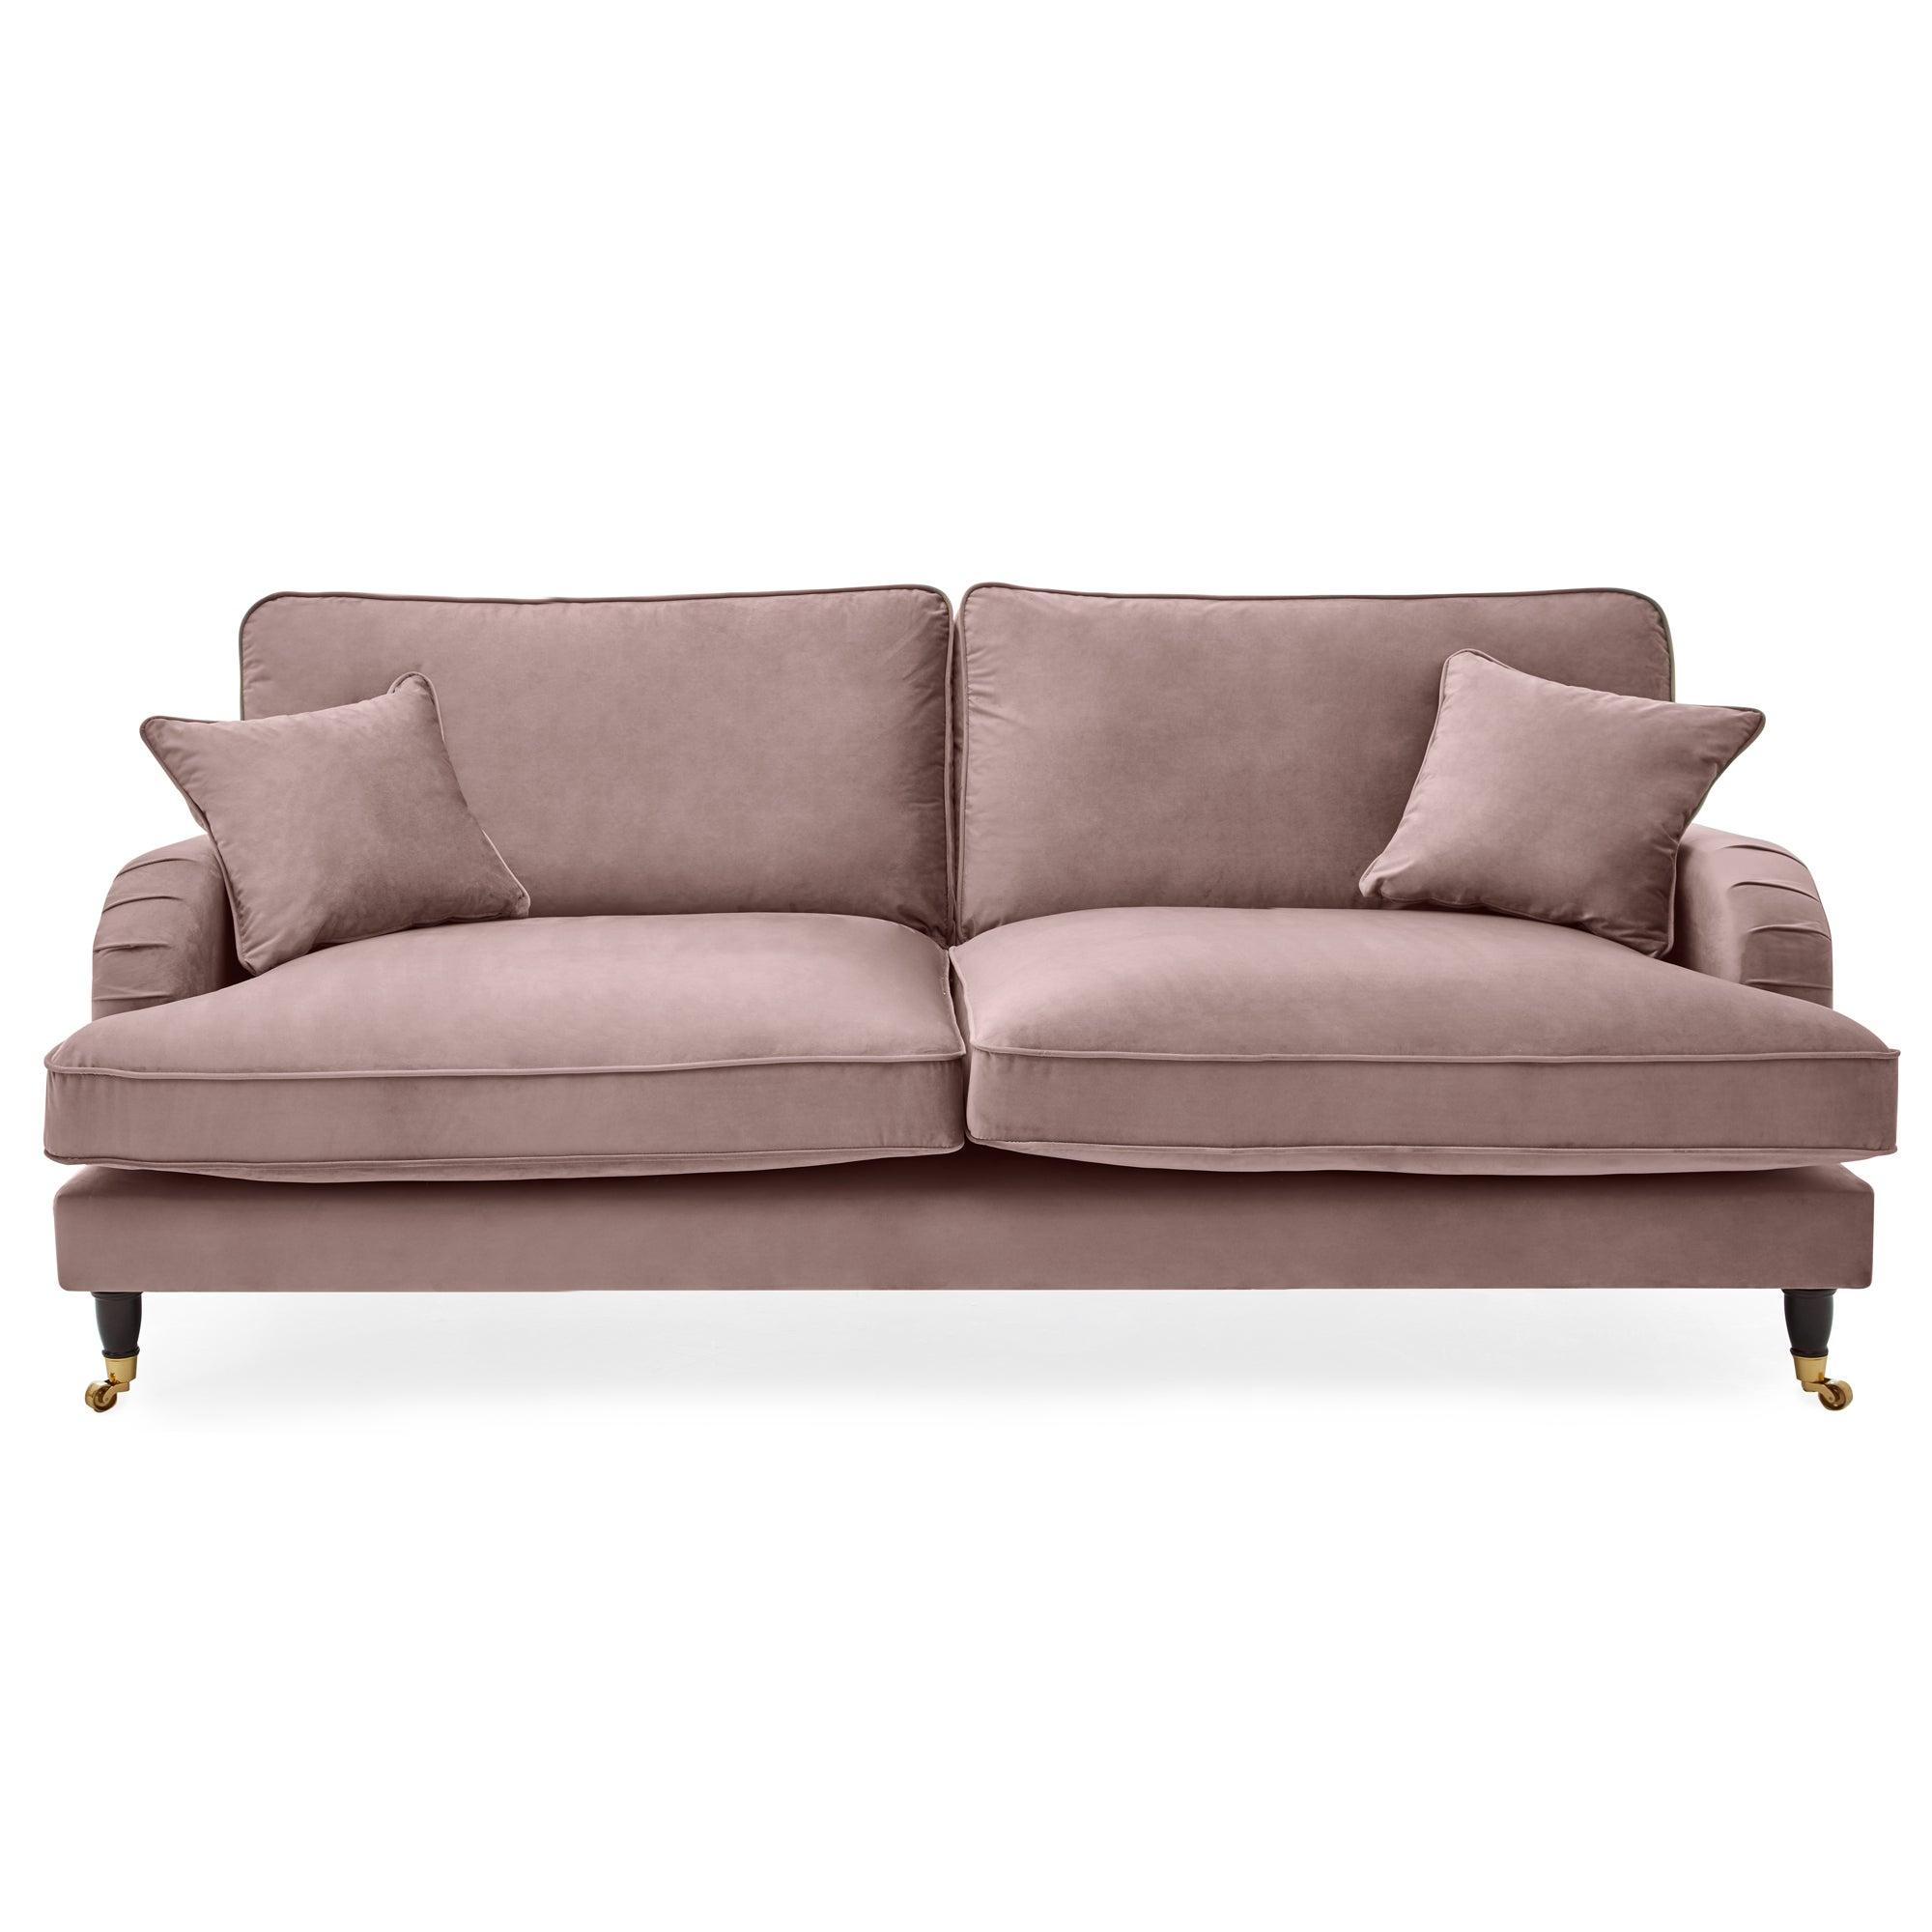 Dunelm Rupert 4 Seater Velvet Sofa Blush (Pink)